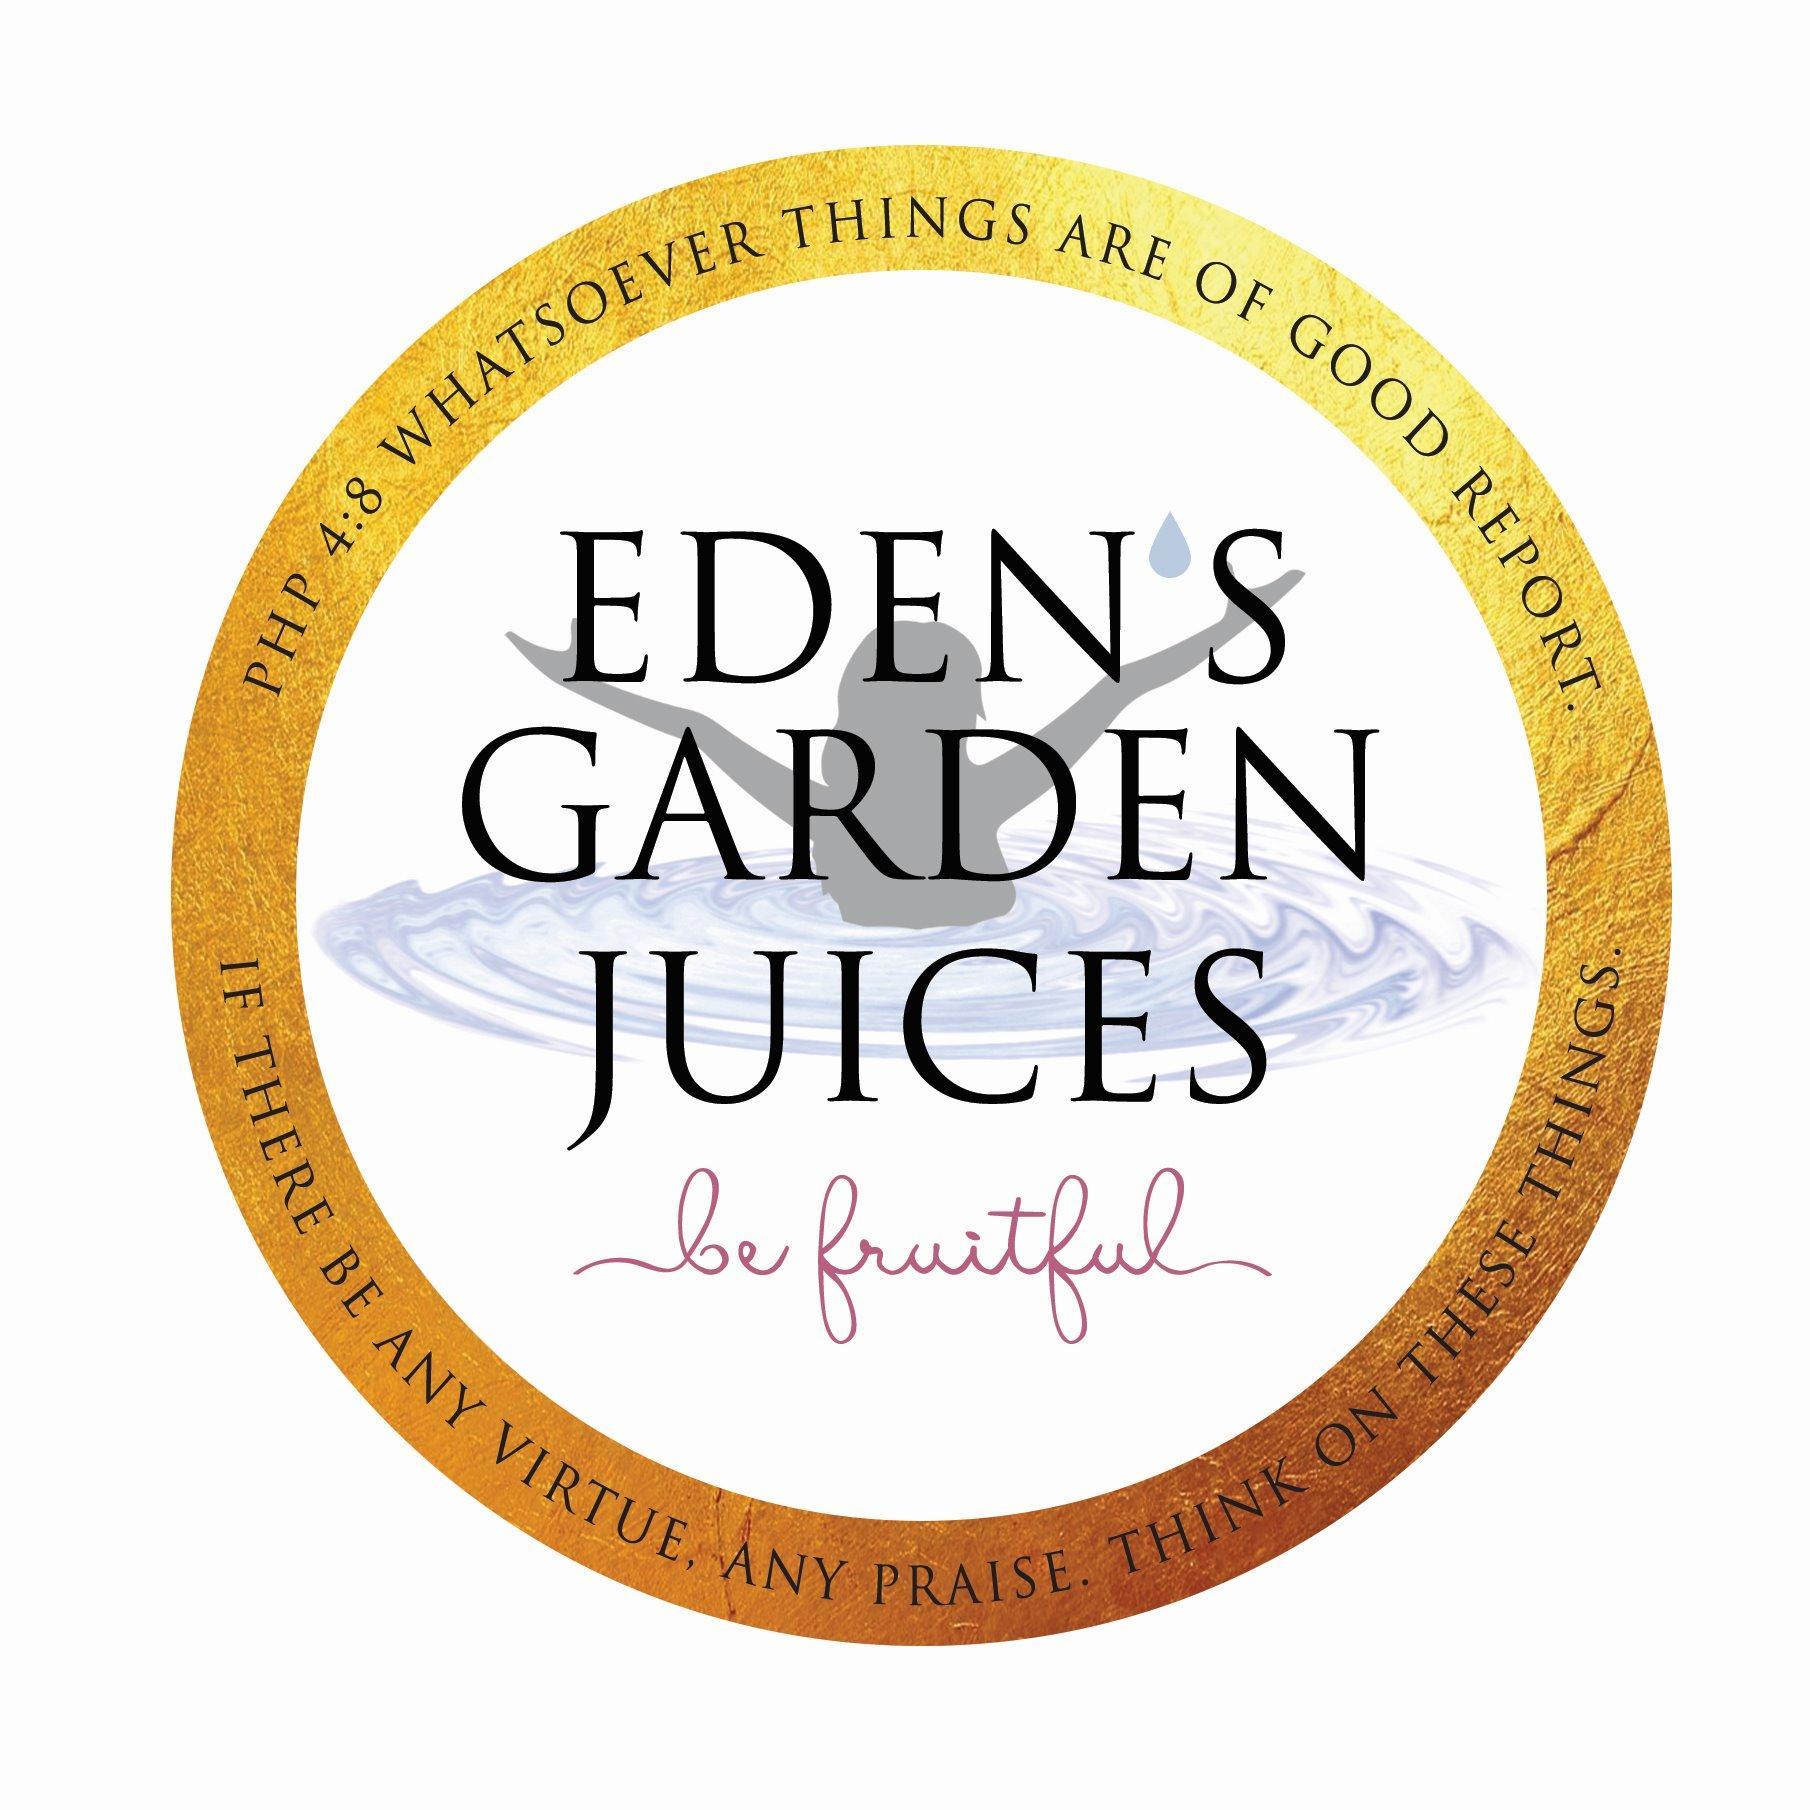 Eden's Garden Juices